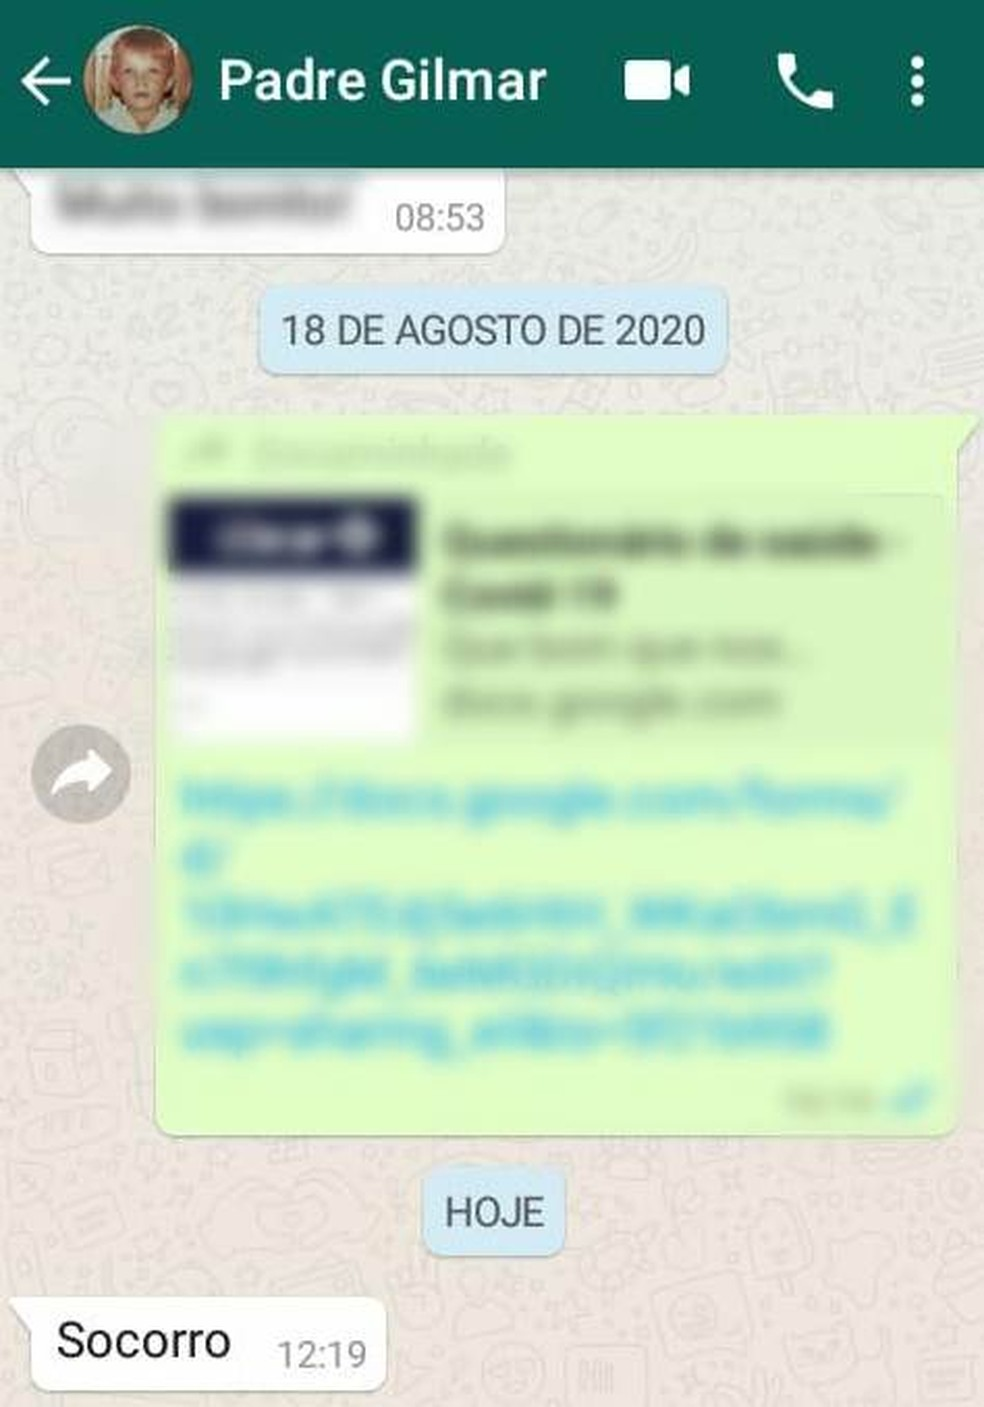 Mensagem enviada pelo Pedre Gilmar ao amigo — Foto: Reprodução/TV Cabo Branco